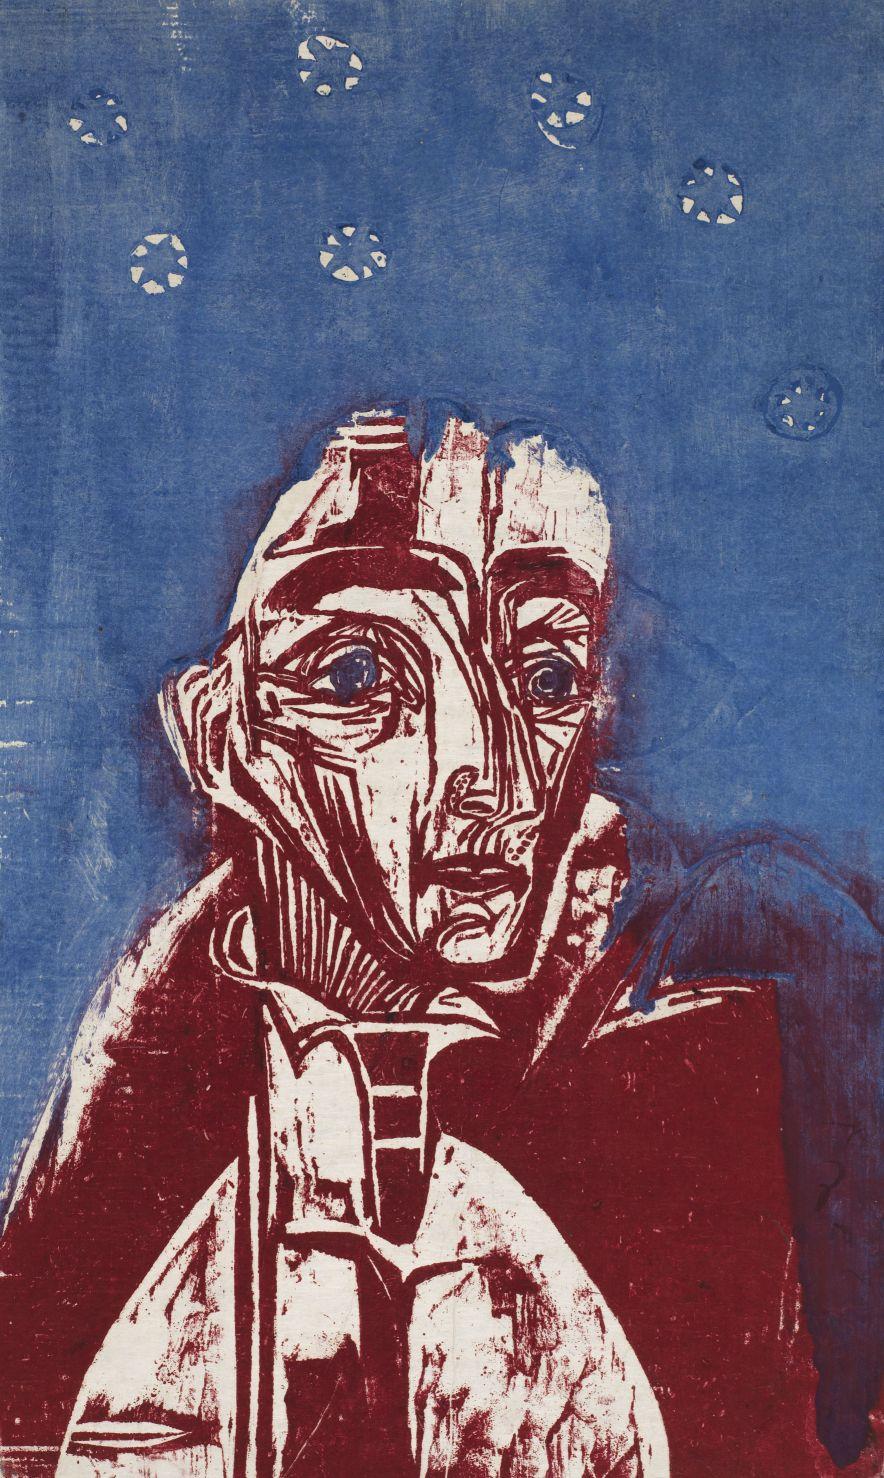 Ernst Ludwig Kirchner, Frau in der Nacht, 1919 Farbholzschnitt, 58 x 34,4 cm Kunstmuseum Bern, Legat Cornelius Gurlitt 2014 © Kunstmuseum Bern